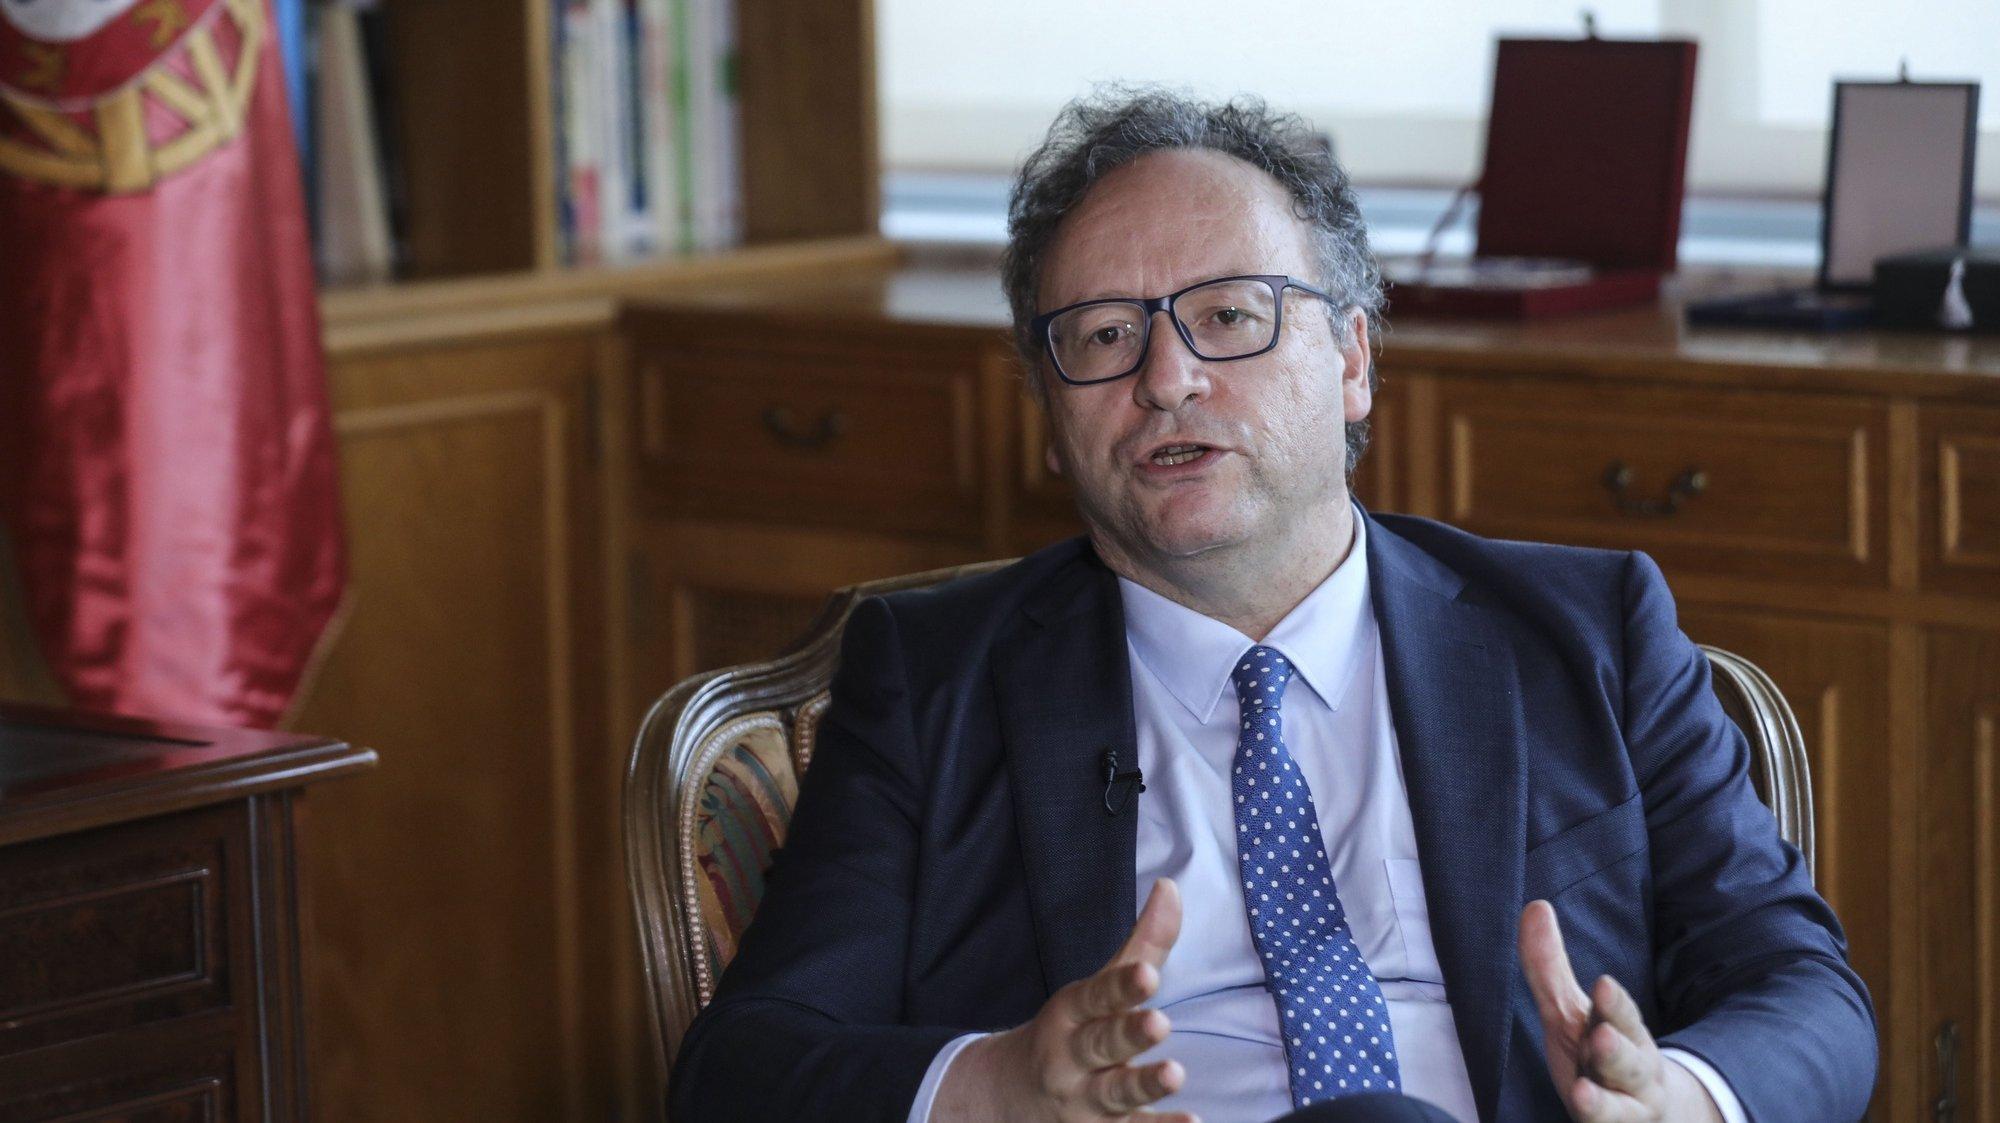 Entrevista ao presidente do Conselho Económico e Social, Francisco Assis na sede do mesmo em Lisboa, 6 de julho de 2021. (ACOMPANHA TEXTO DE 11 DE JULHO DE 2021). MIGUEL A. LOPES/LUSA